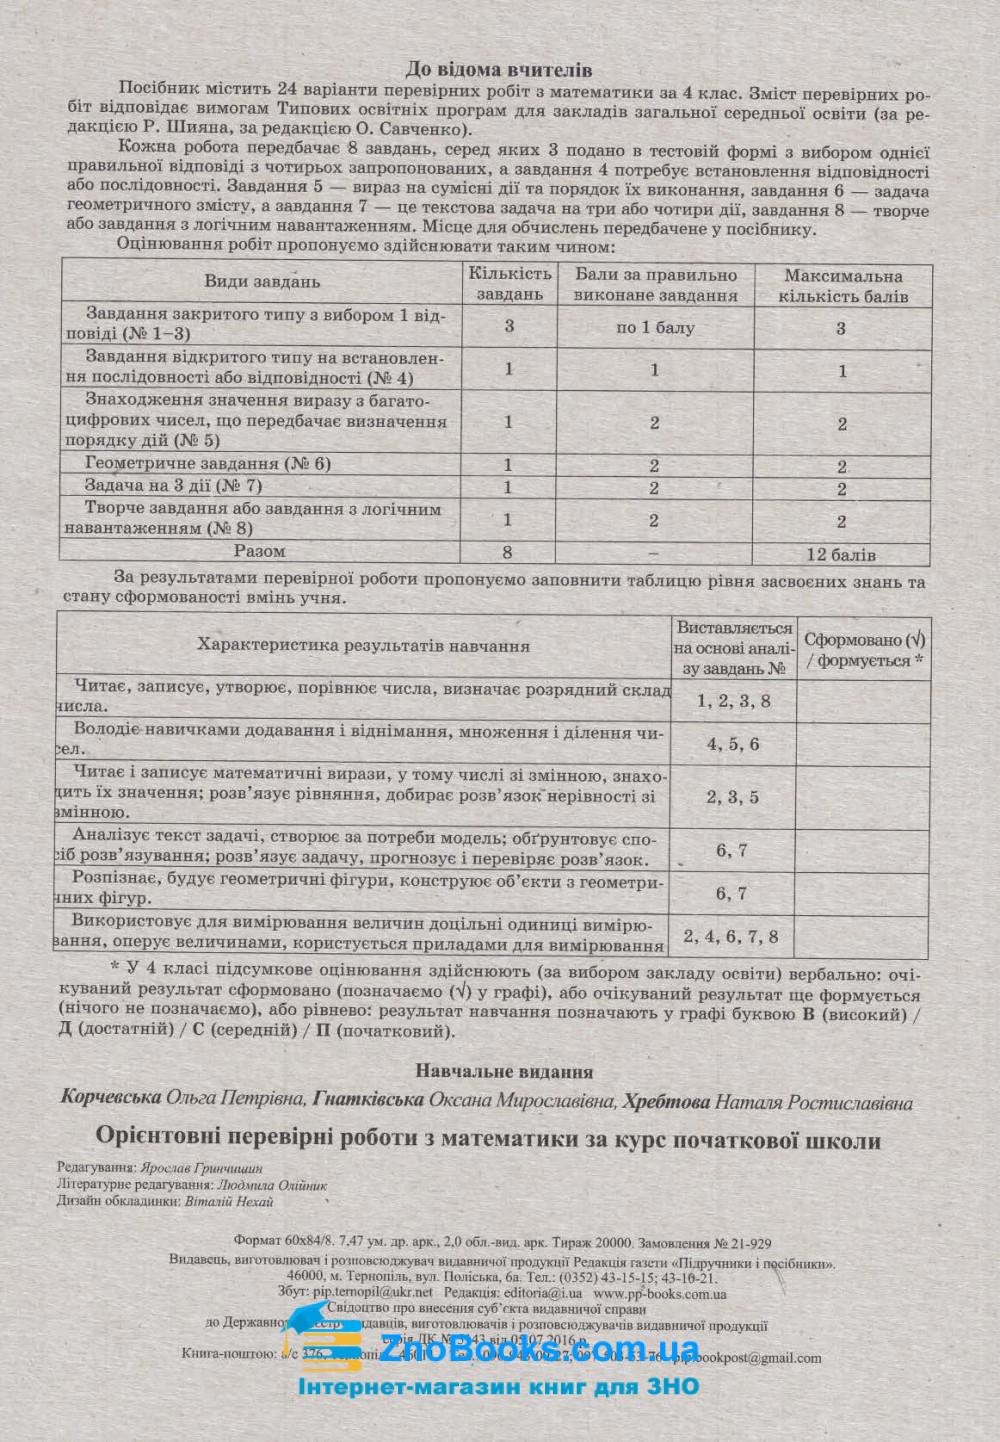 ДПА 4 клас 2022 Математика. Орієнтовні перевірні роботи : Корчевська О. Підручники і посібники. 6